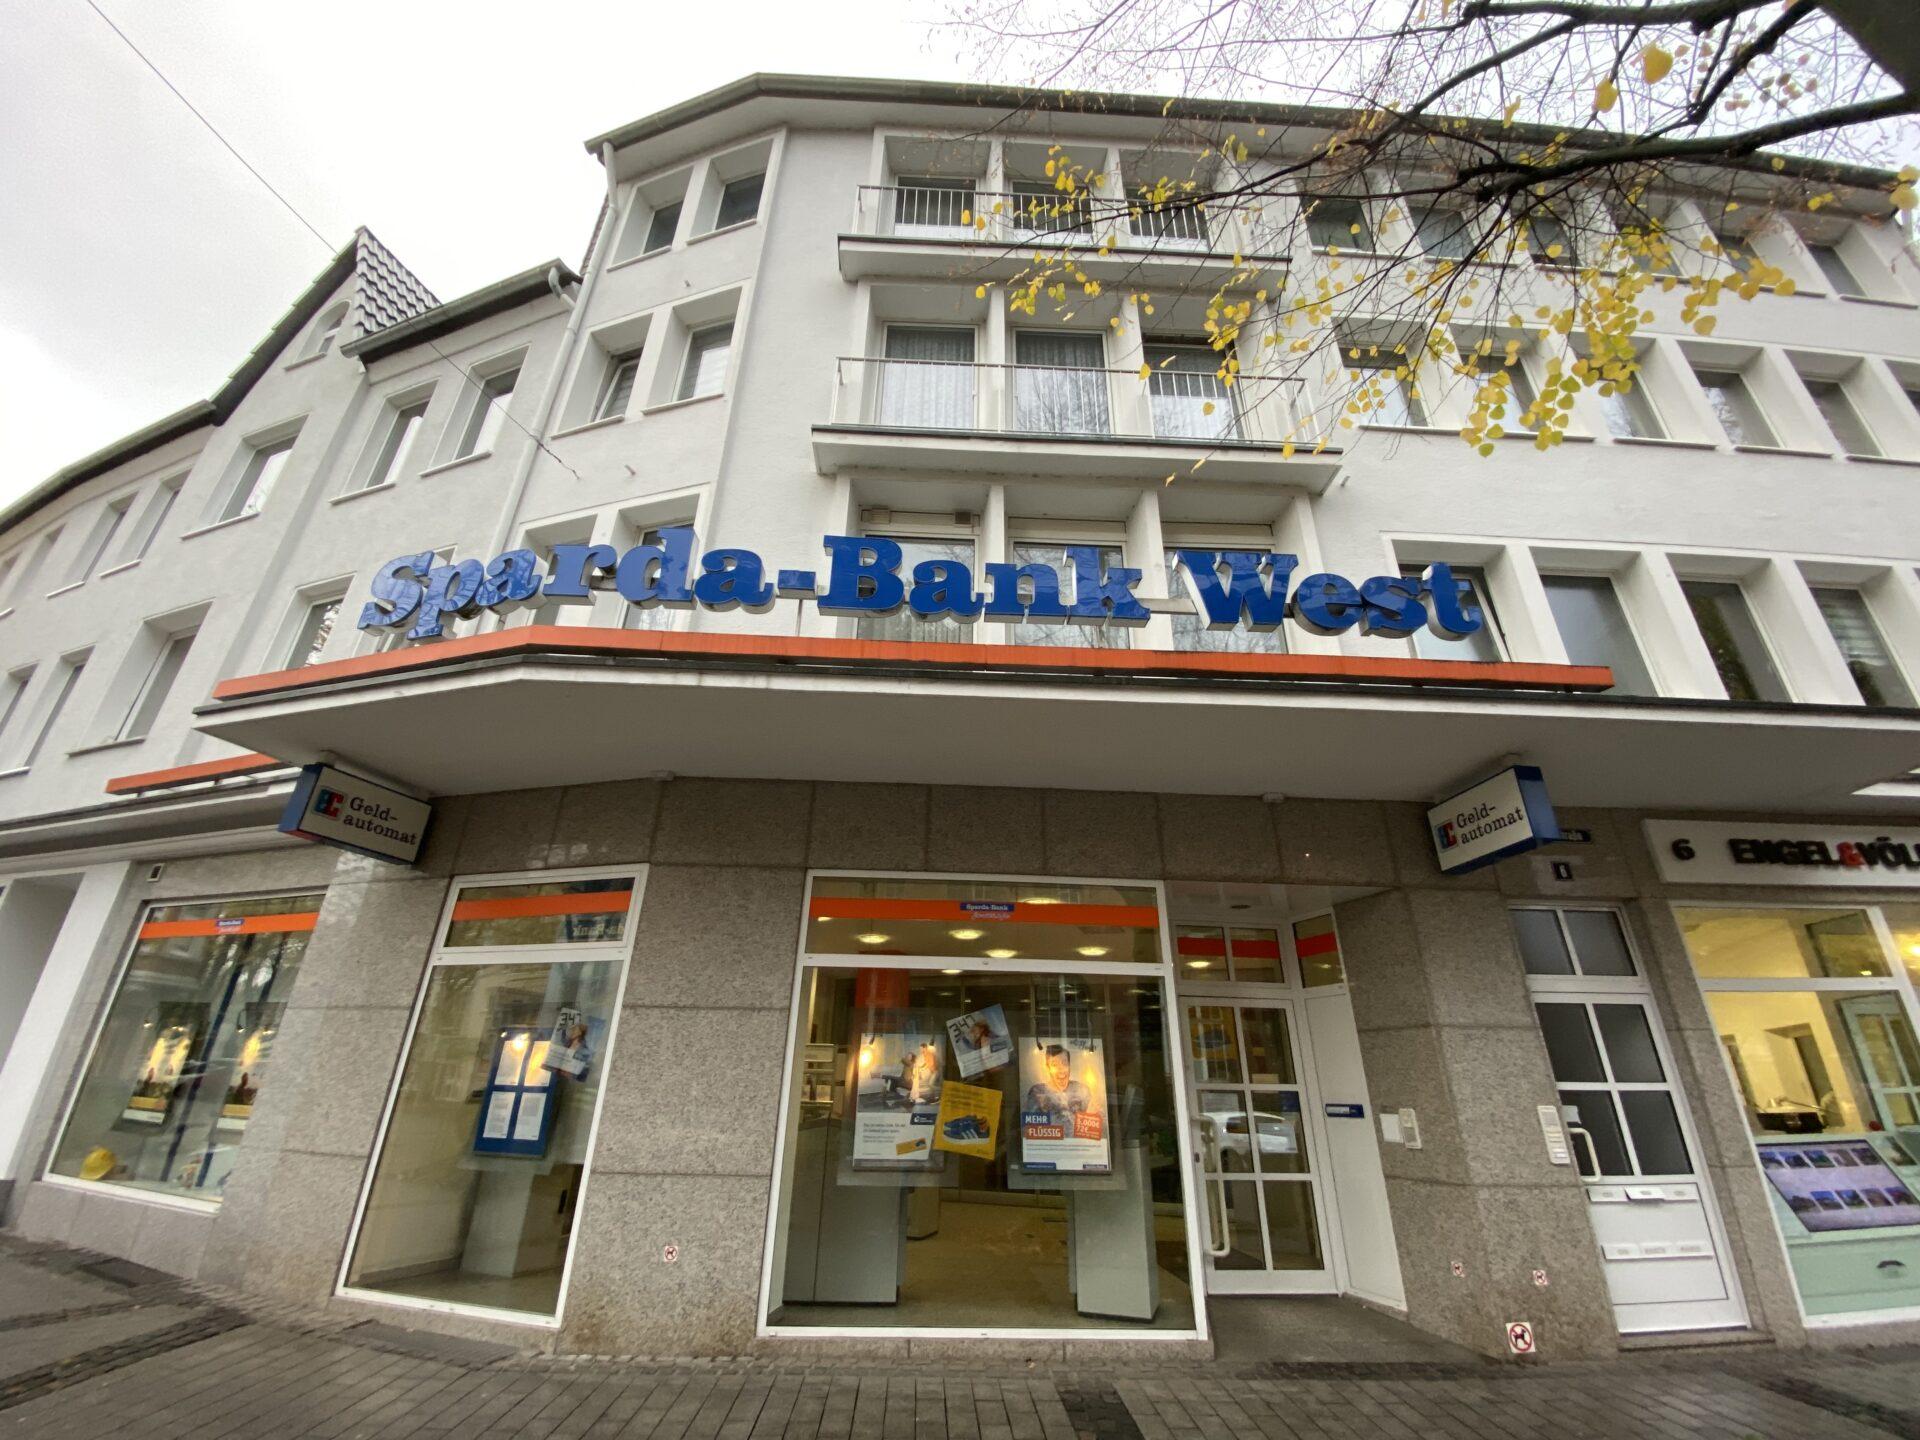 Filiale der Sparda-Bank West in Schwerte wieder geöffnet